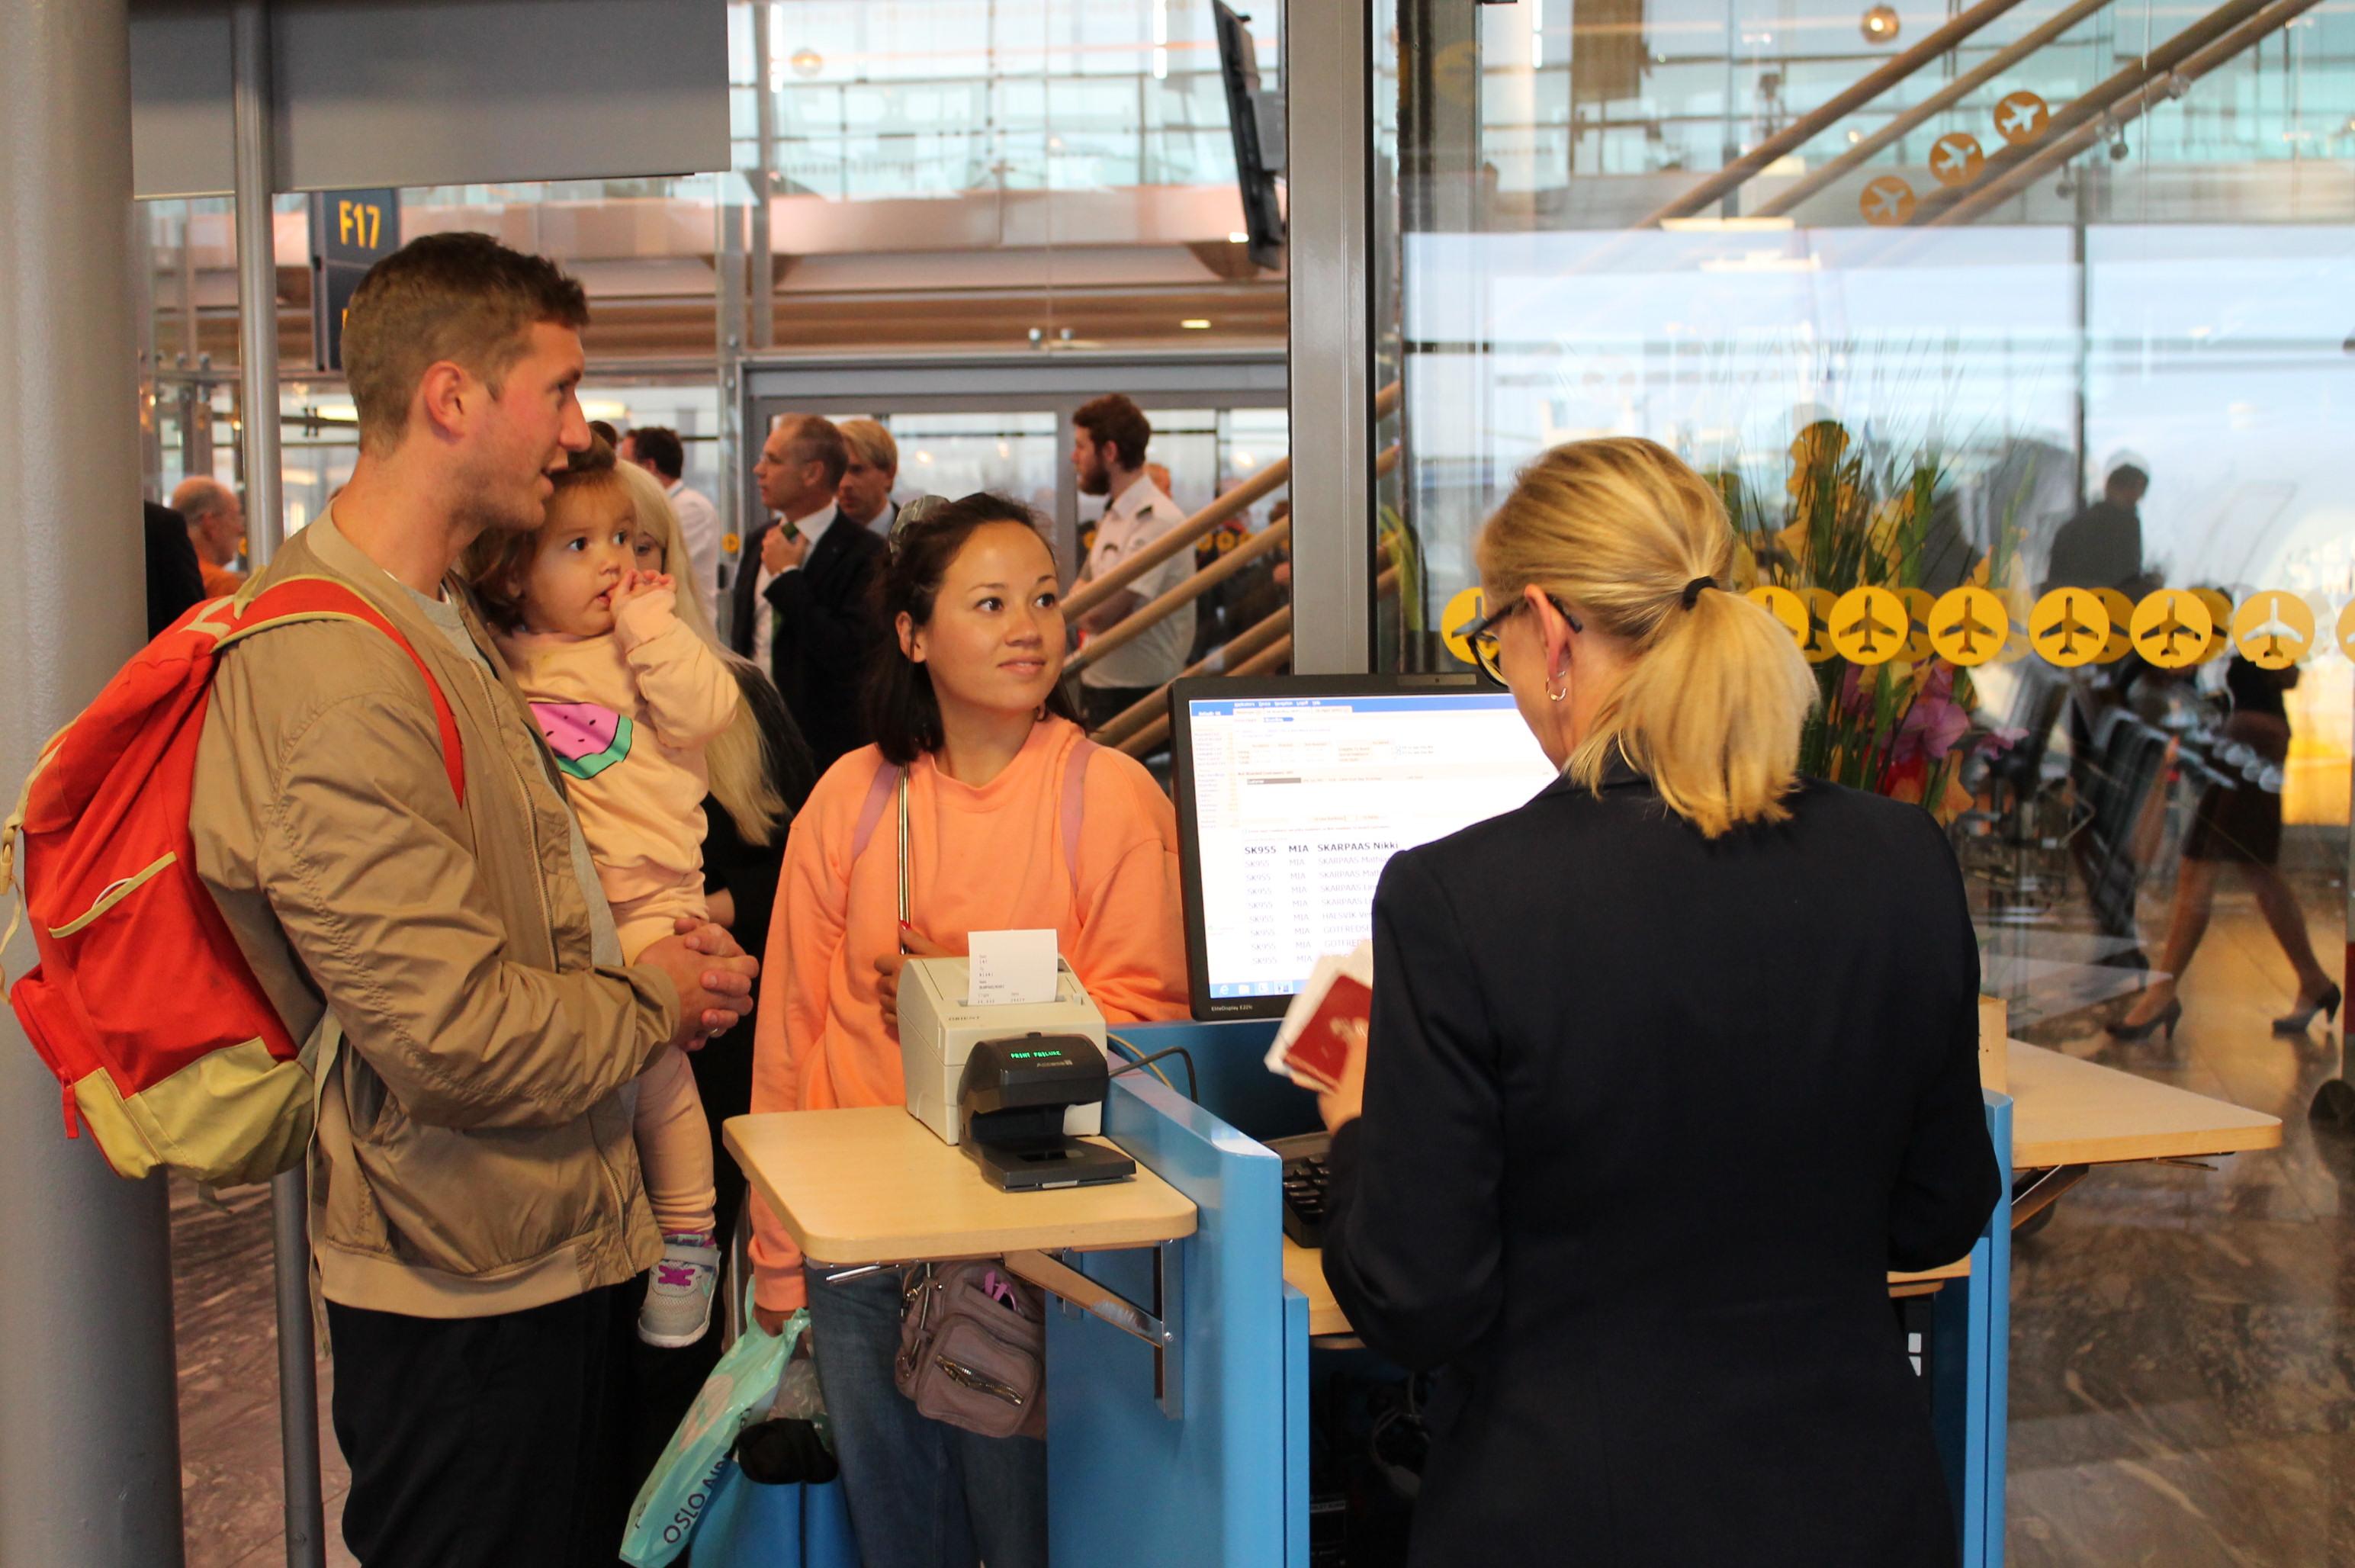 Pressefoto fra Oslo Lufthavn med check-in til en SAS-flyvning.